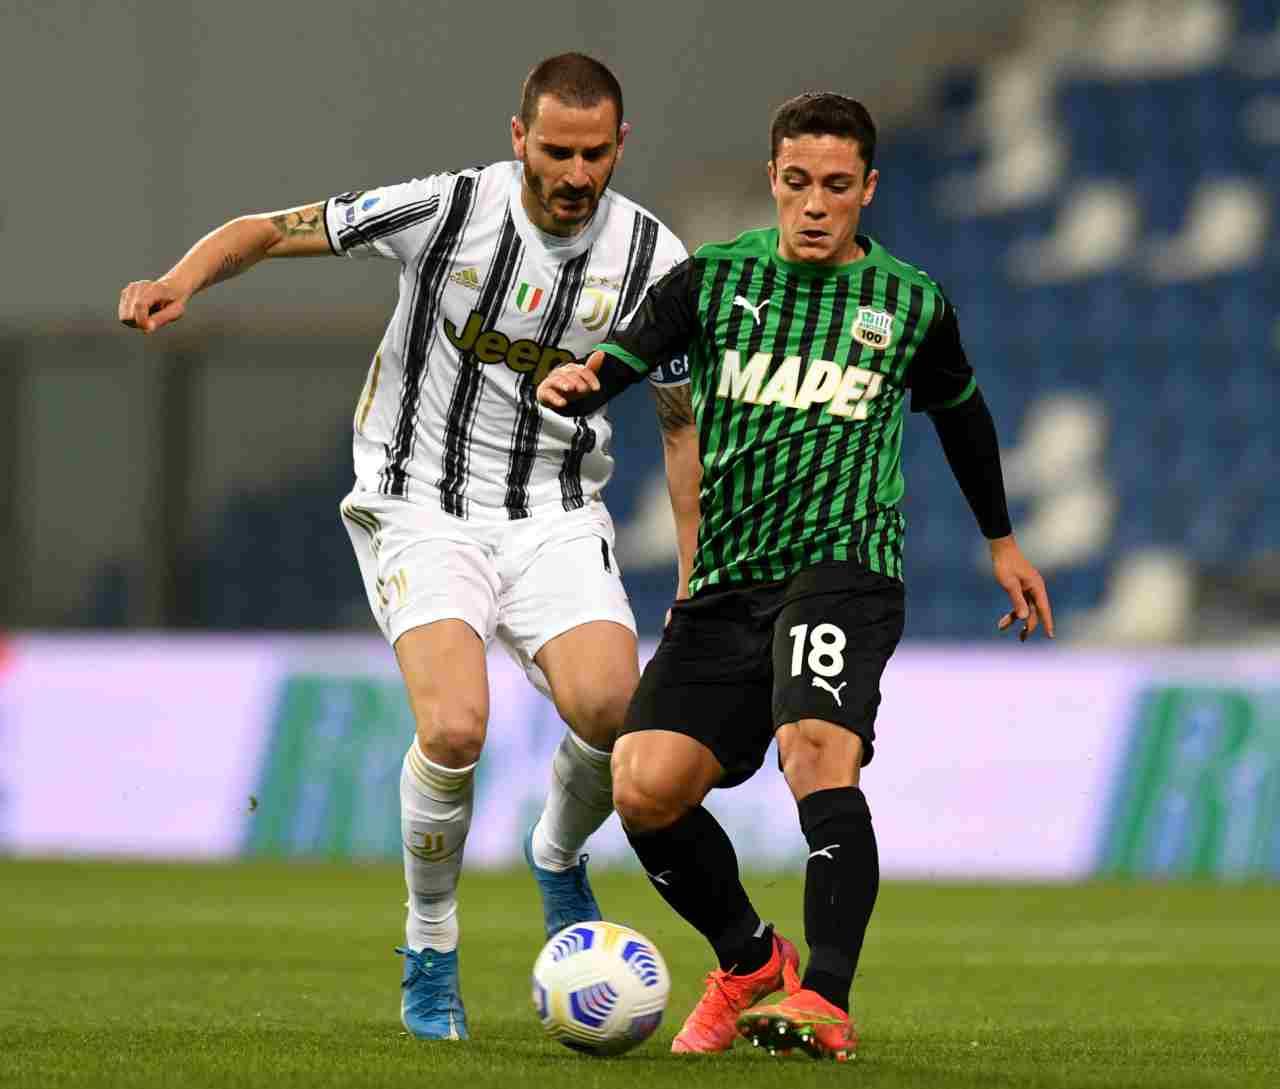 KO Inter Juventus Raspadori